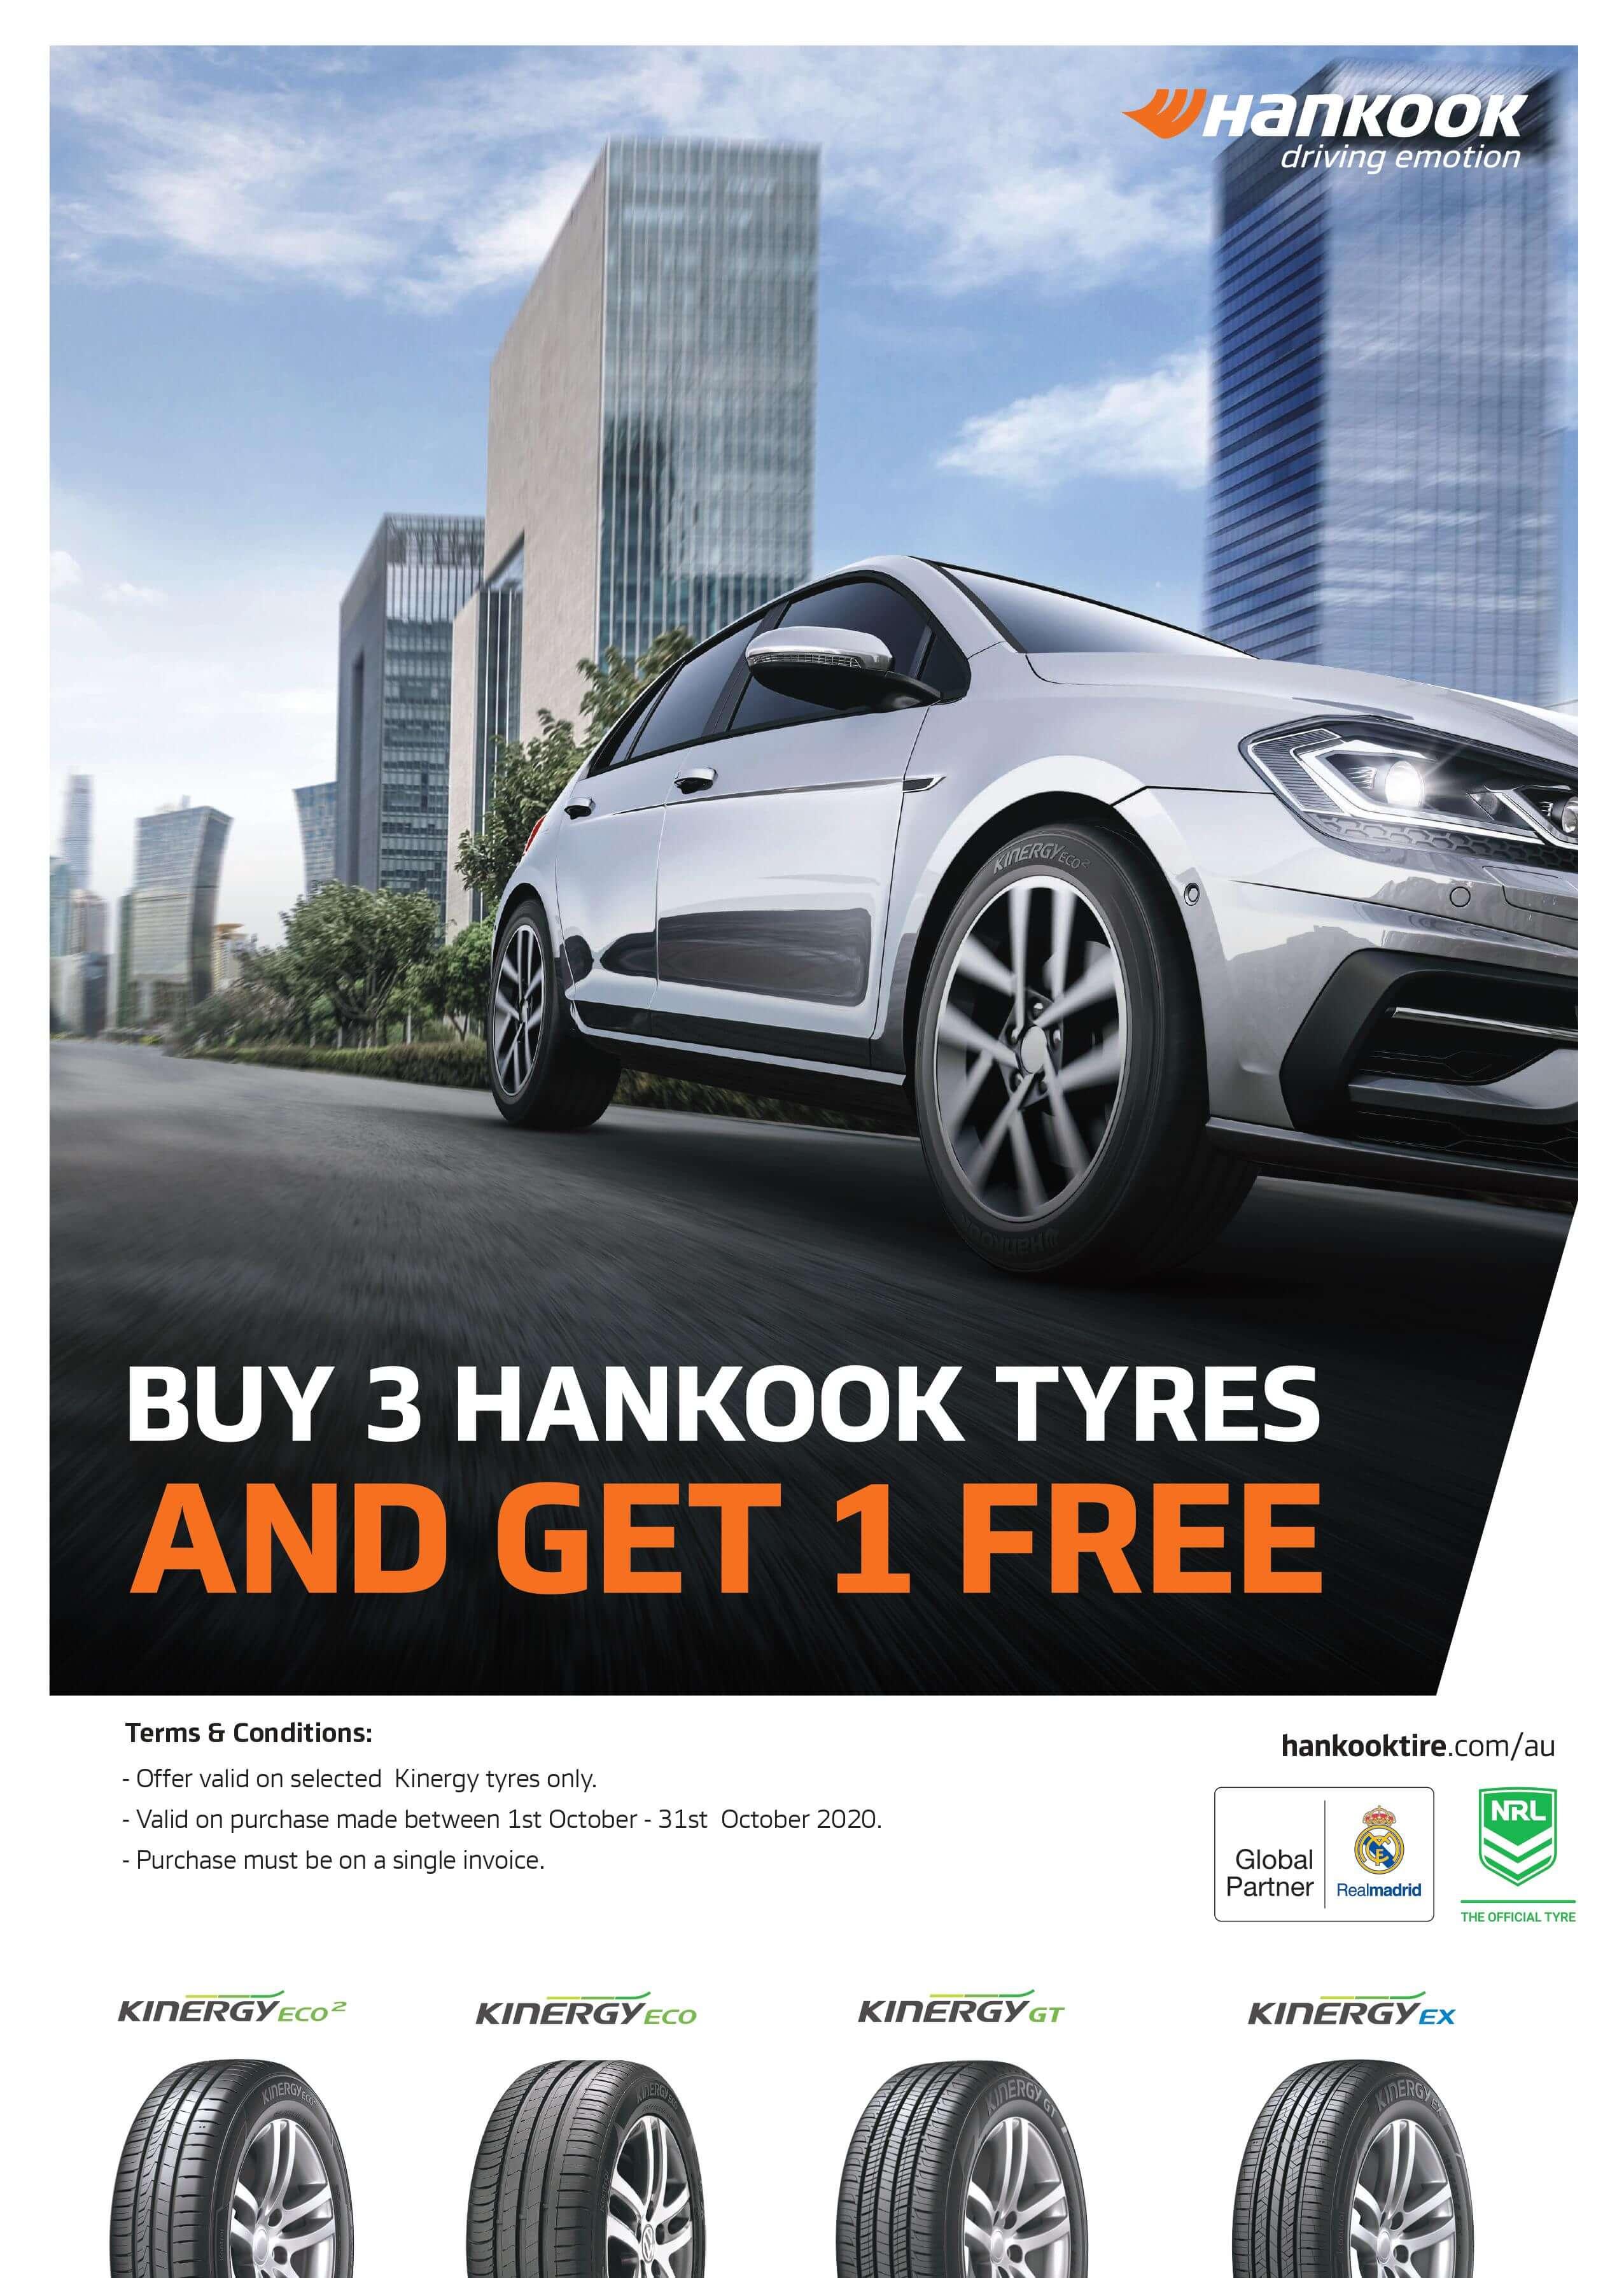 Hankook Promotion Buy 3 get 1 Free